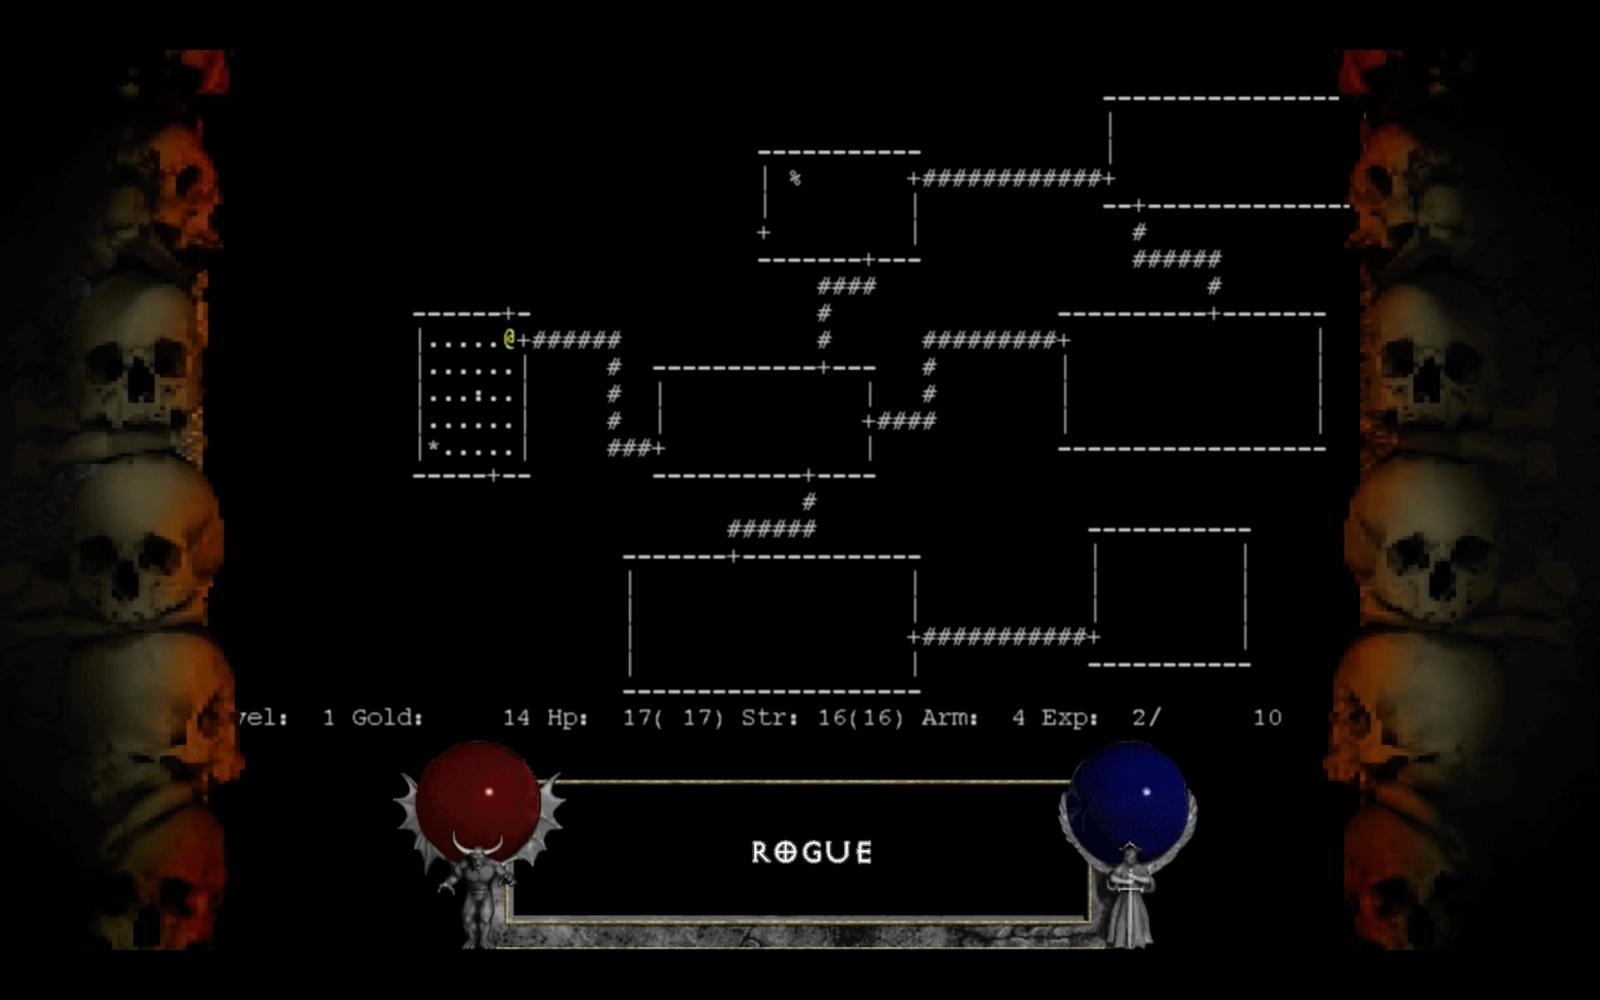 Как всего одна игровая механика навсегда изменила Diablo - 3